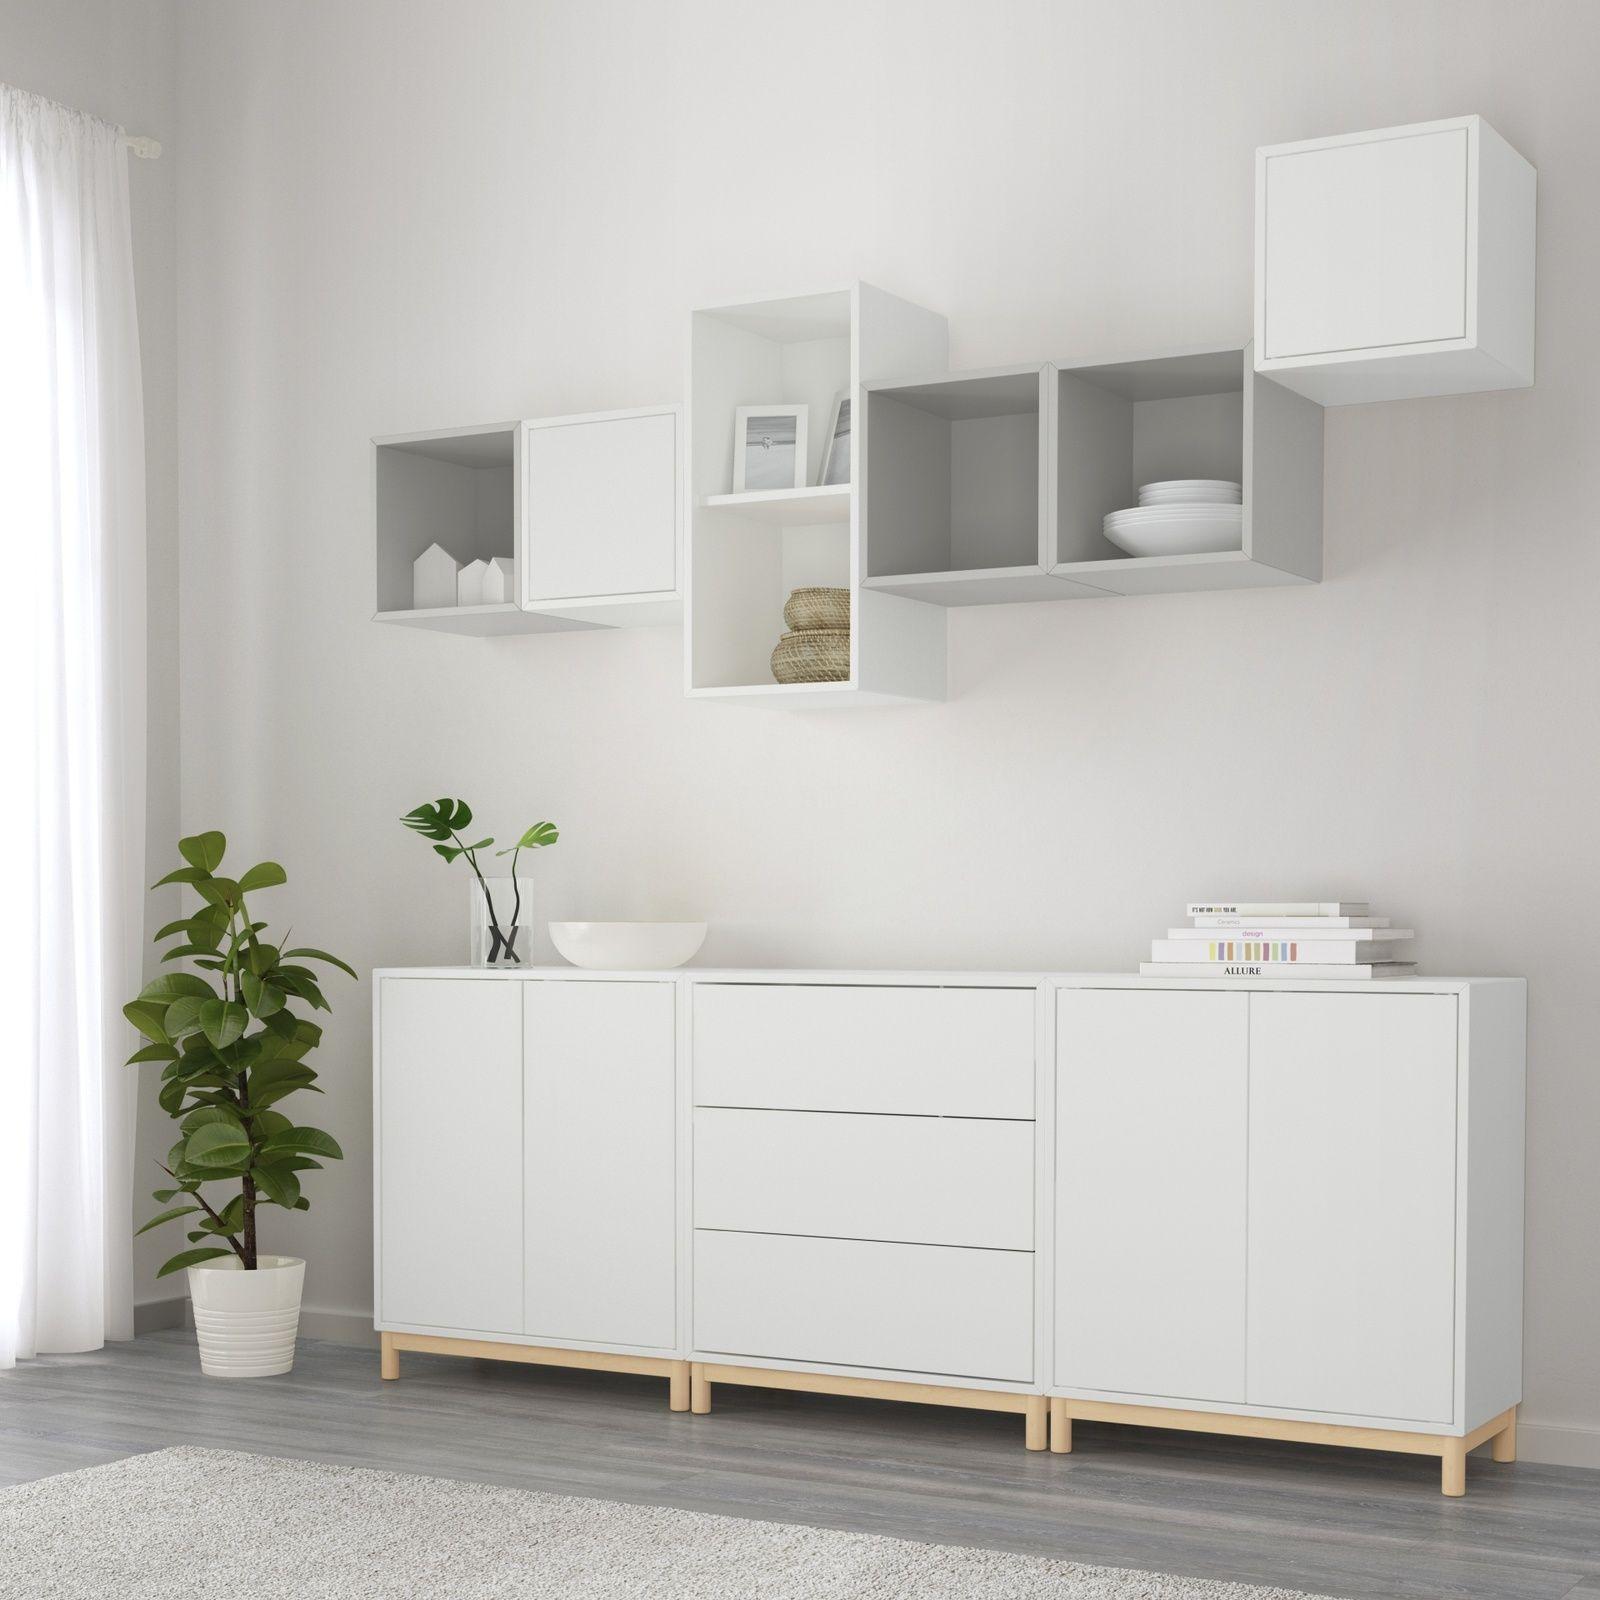 Album 23 Eket La Nouvelle Gamme De Chez Ikea Salon  # Detourner Un Meuble Cd De Chez Ikea